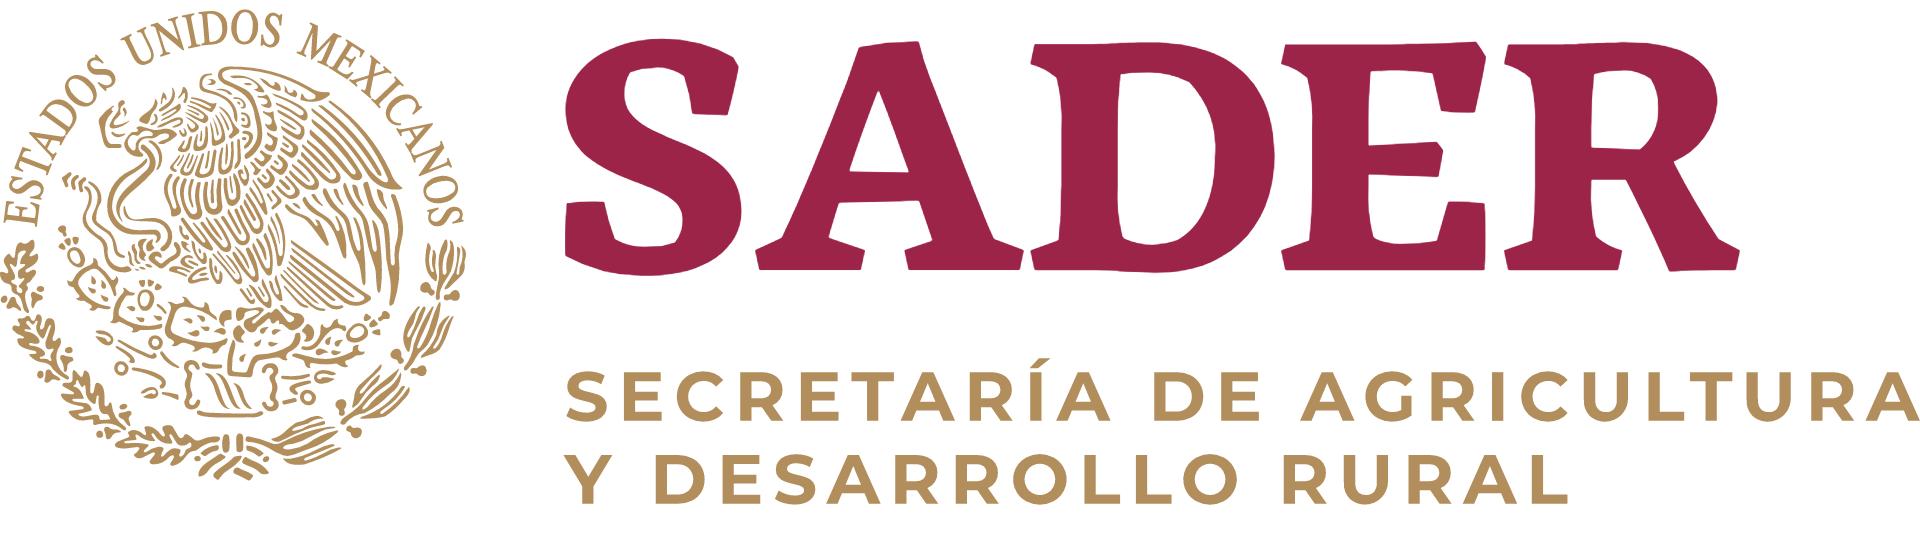 Mexico's Secretaria de Agricultura y Desarrollo Rural/Ministry of Agriculture & Rural Development (SADER)